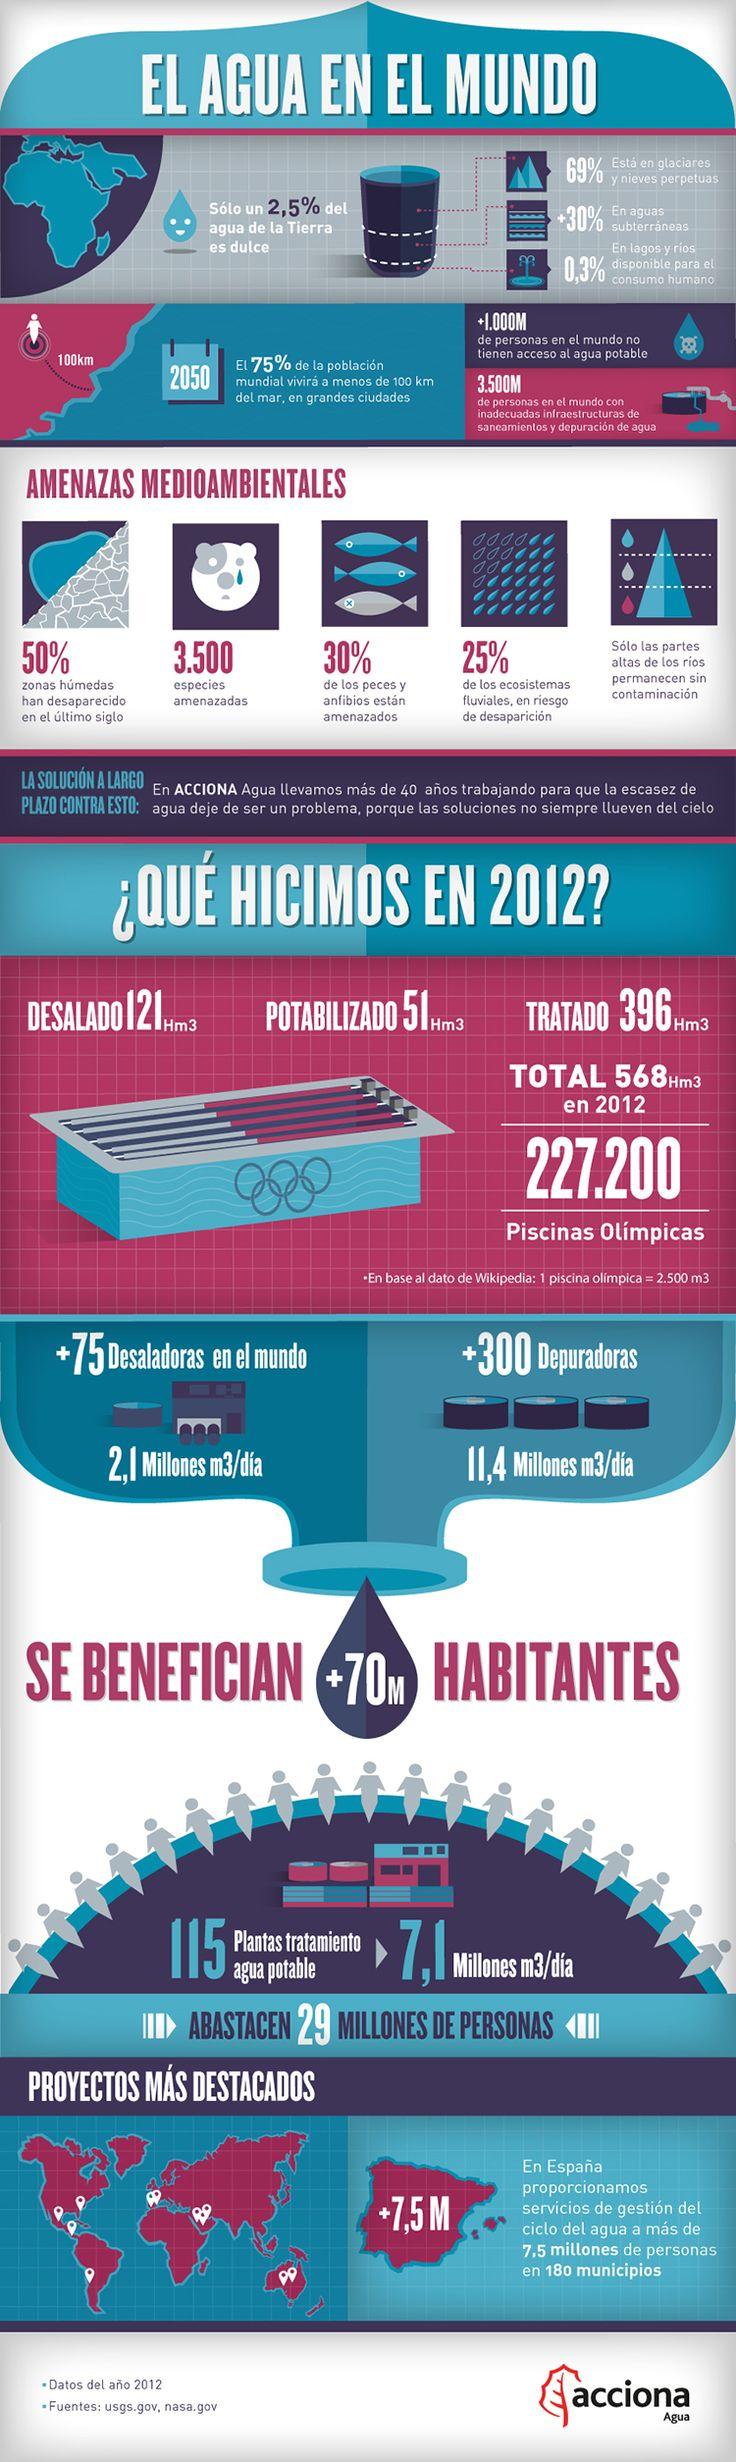 El agua en el Mundo #infografia #infographic #medioambiente